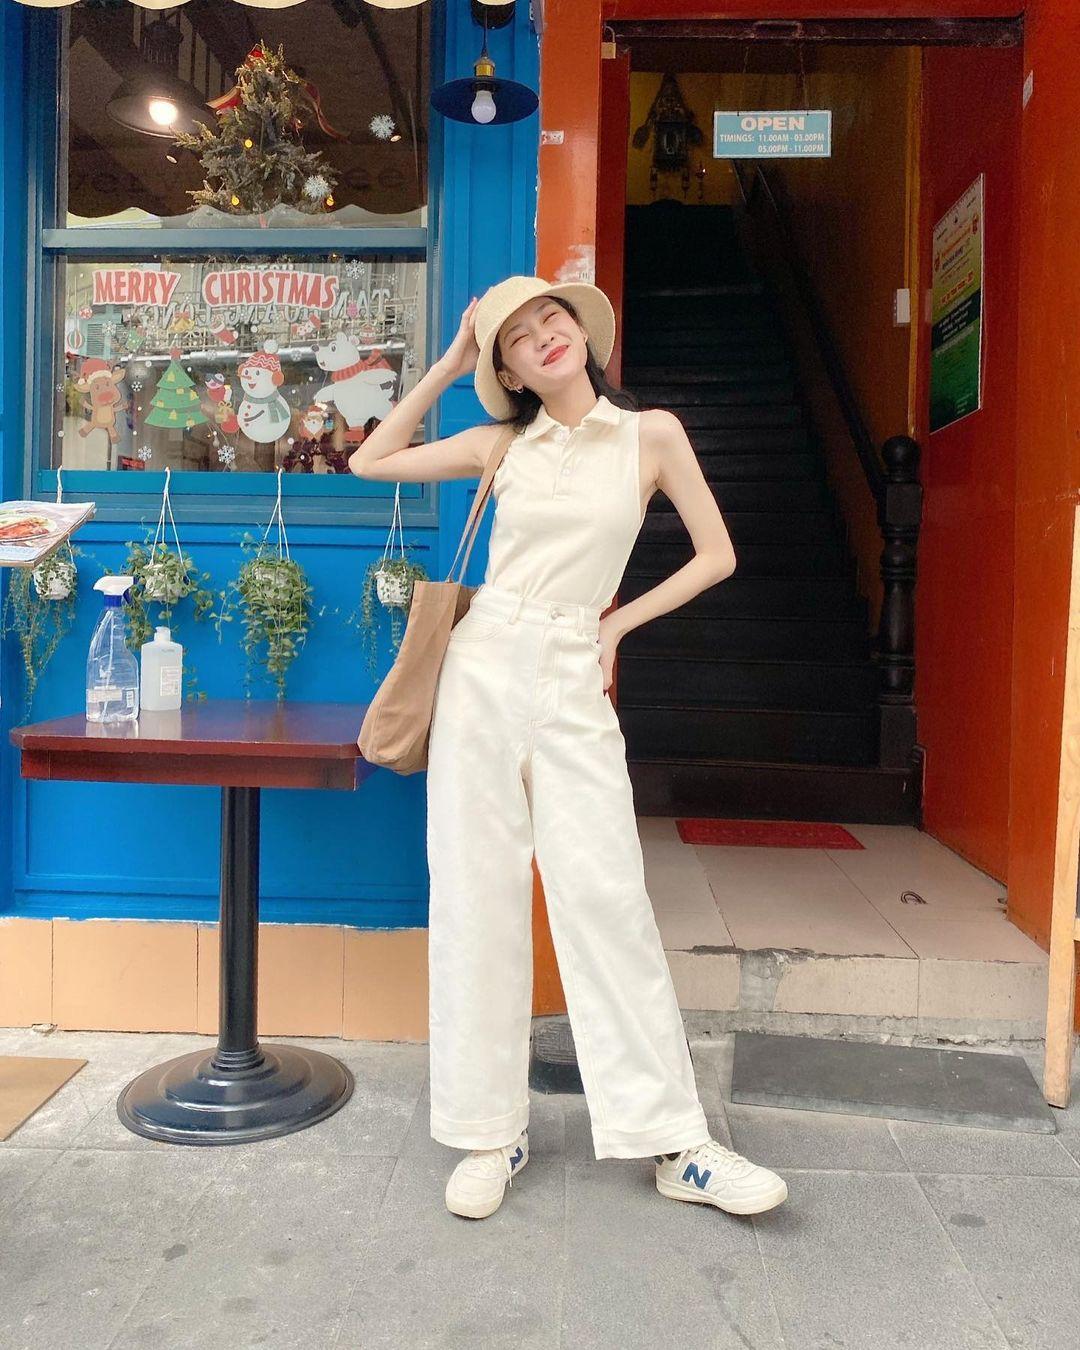 Sài Gòn nóng quá, sắm tank top mát mẻ sành điệu miễn chê thôi các nàng ơi - Ảnh 5.